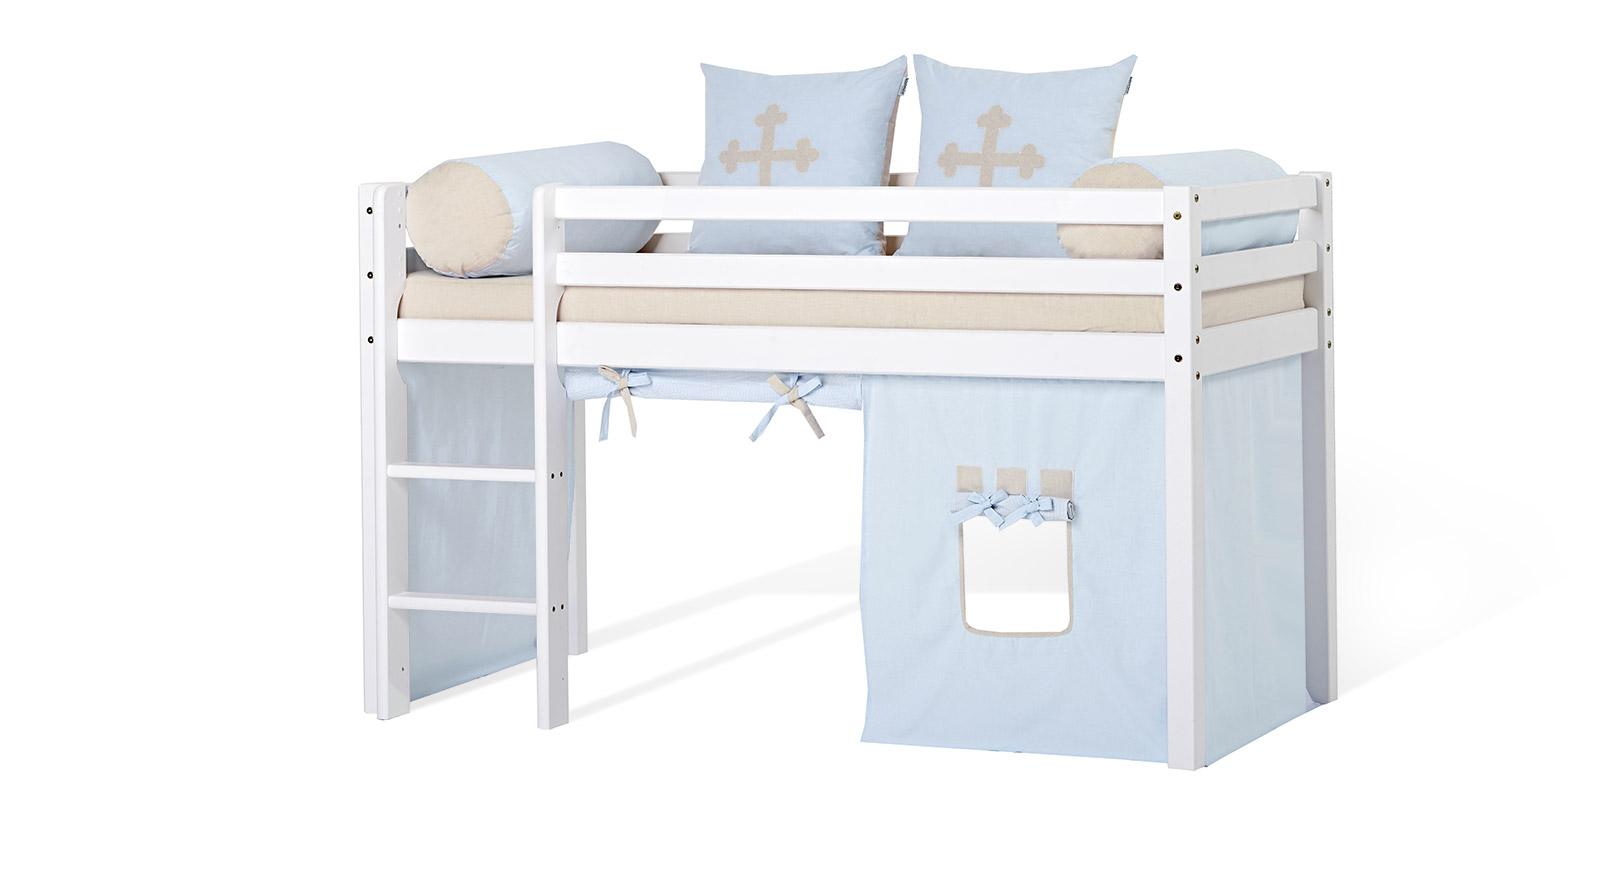 Full Size of Halbhohes Hochbett Bett Umbaubar In Wei Lackierter Kiefer Kids Heaven Wohnzimmer Halbhohes Hochbett